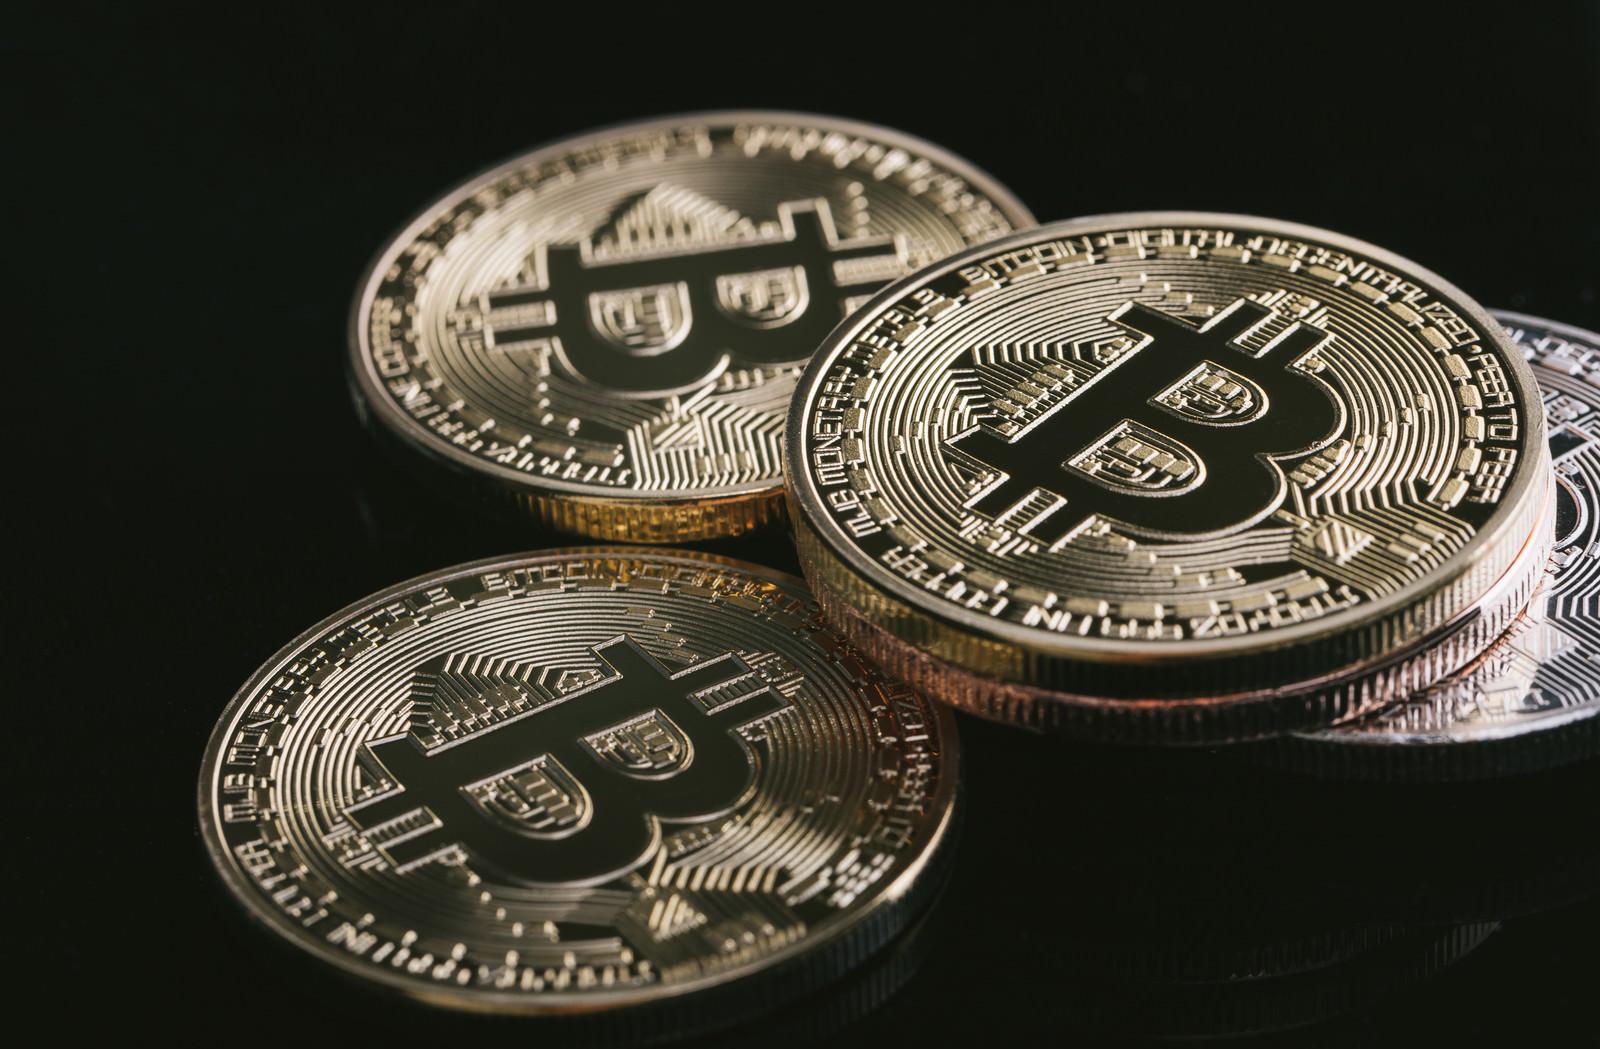 「上場投資信託(ETF)の認可間近と期待されるビットコイン」の写真